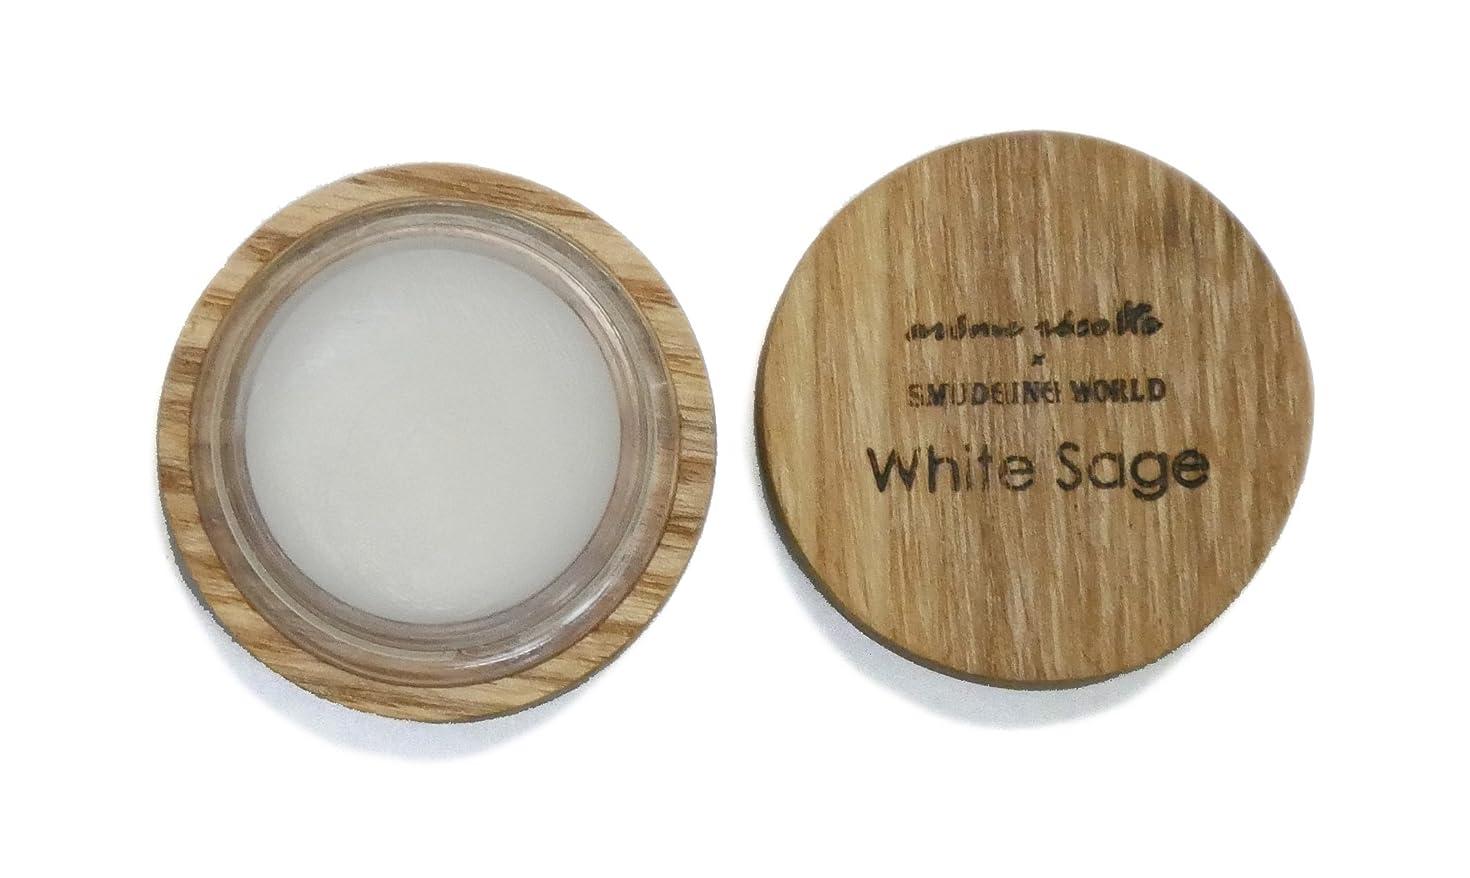 囚人カタログ補体アロマレコルト ソリッドパフューム ホワイトセージ 【White Sage】オーガニック エッセンシャルオイル organic essential oil solid parfum arome recolte